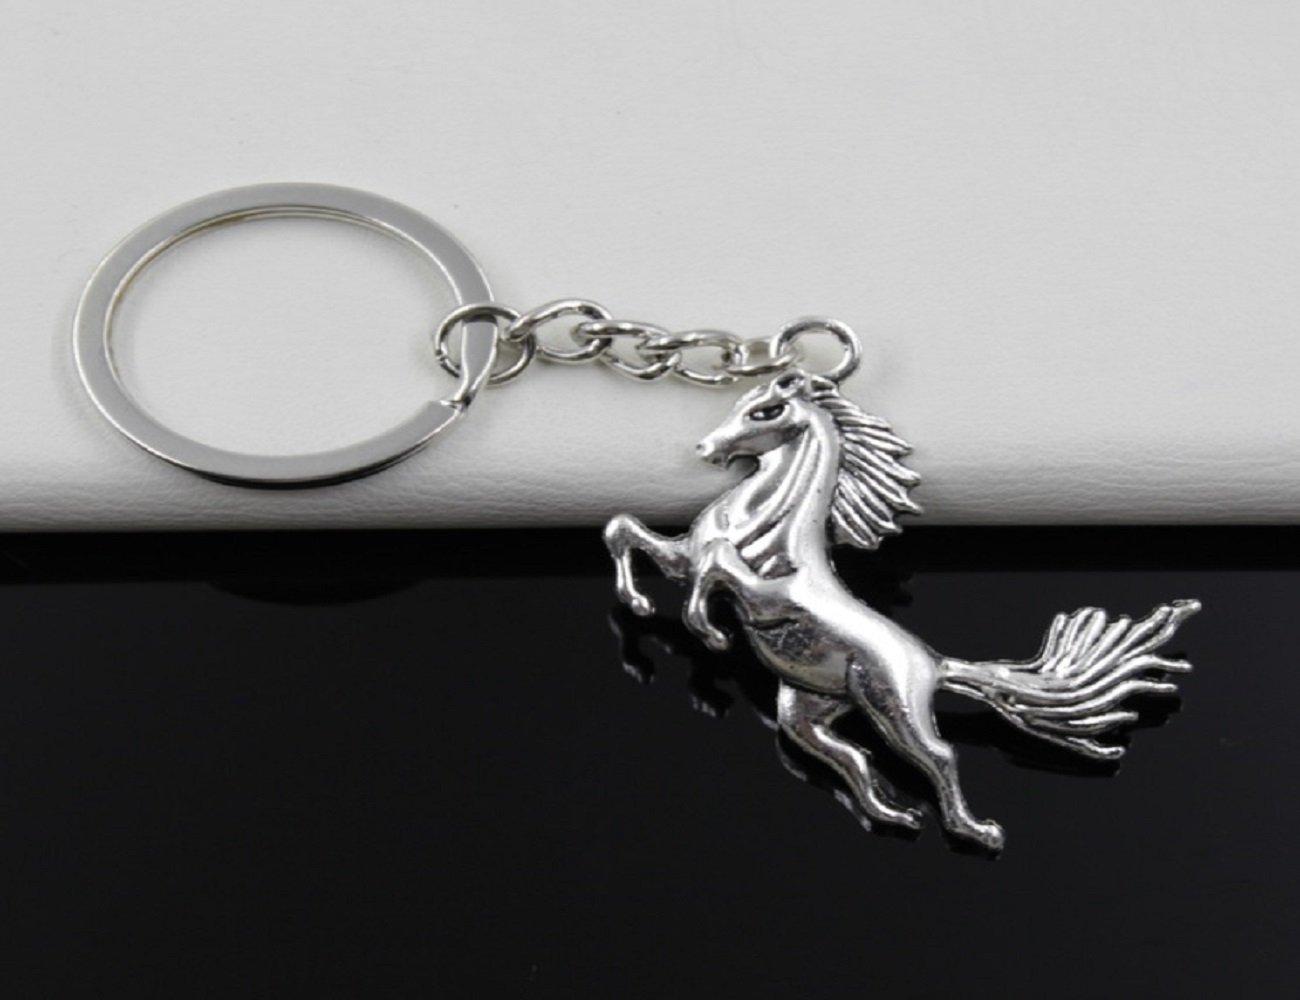 Sportigo Reiter Schlüsselanhänger Pferd/Reiten/Geschenk